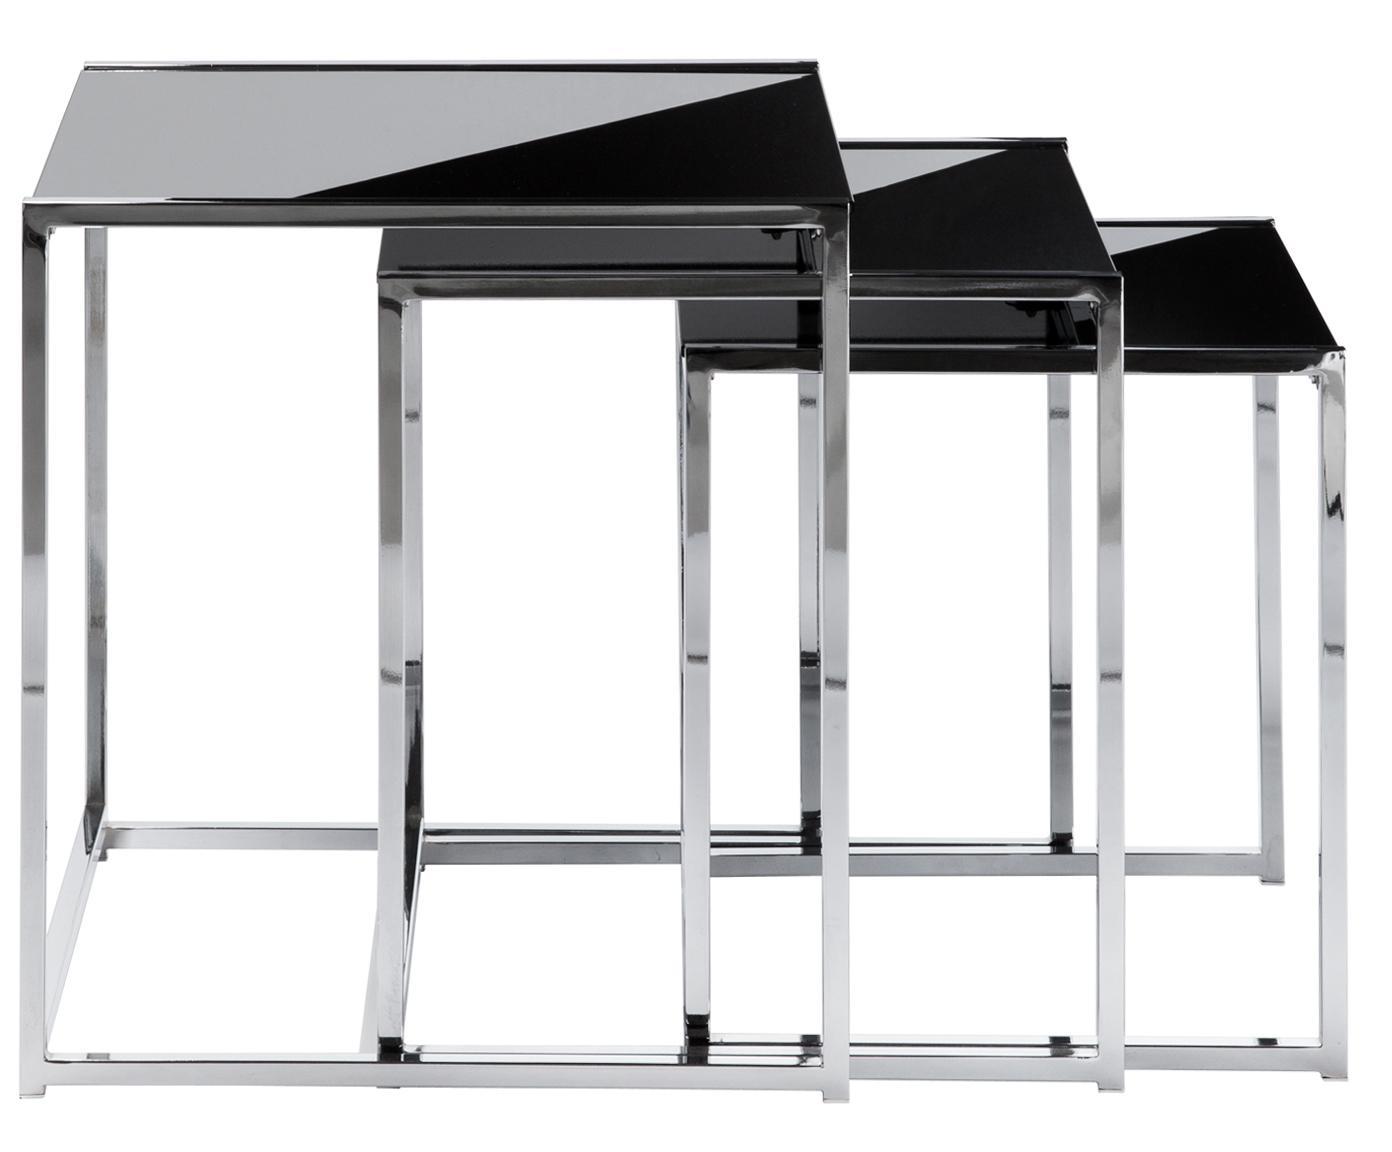 Bijzettafelset Cleo, 3-delig, Frame: verchroomd metaal, Tafelblad: veiligheidsglas, Zwart, zilverkleurig, Verschillende formaten